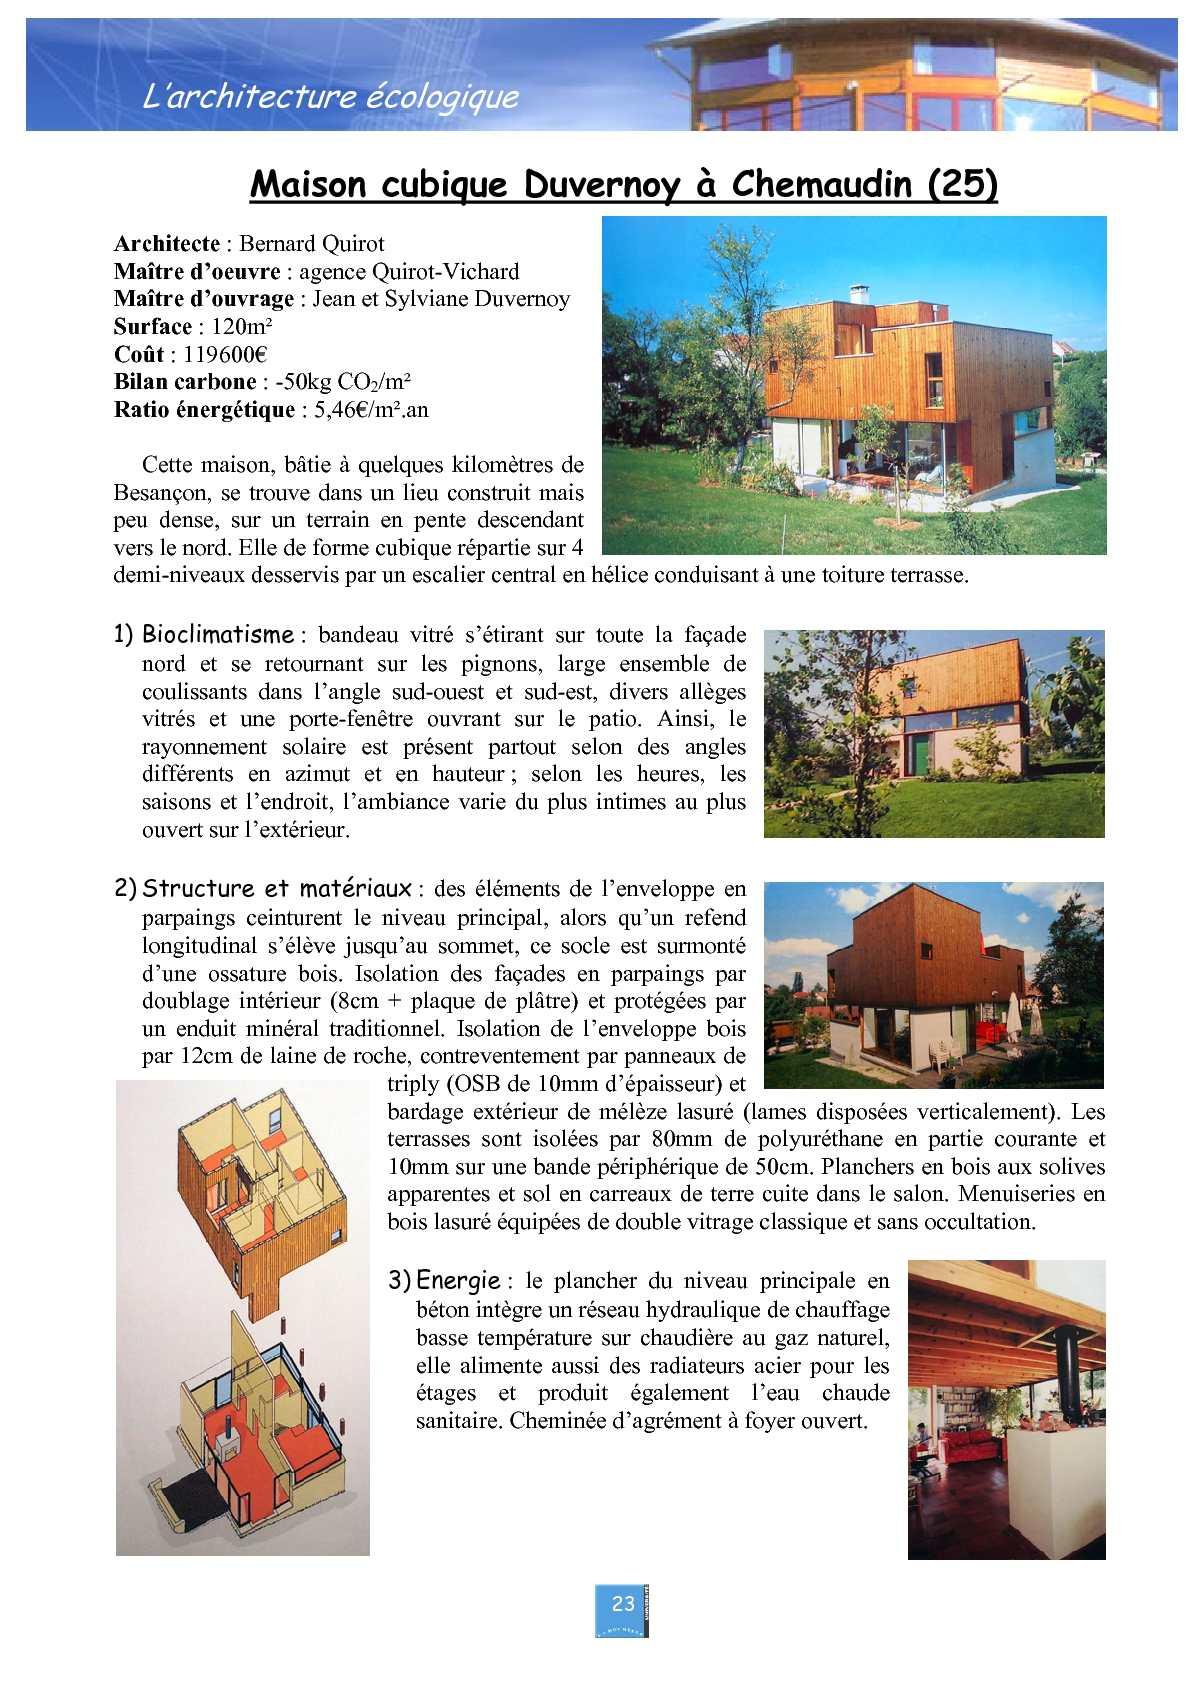 Coût Plancher Chauffant Hydraulique architecture écologique - calameo downloader